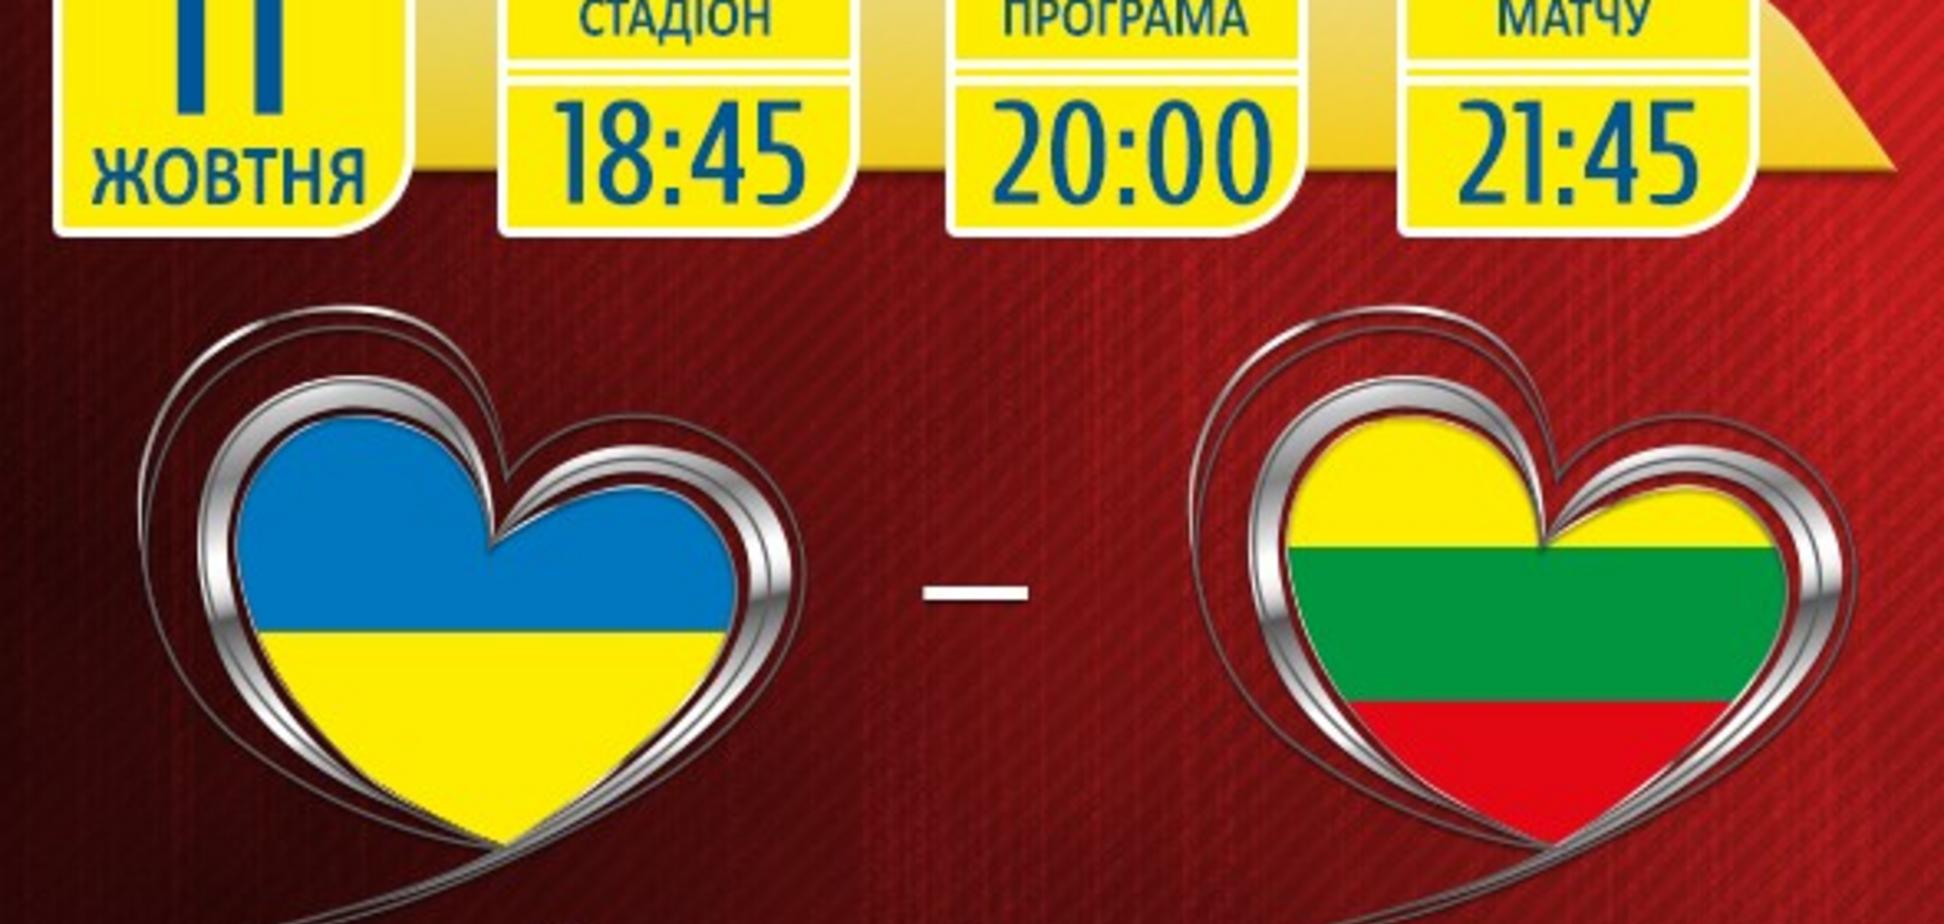 'Може ще Борис Апрель?' Стало відомо, хто виконає гімн на матчі Україна - Литва